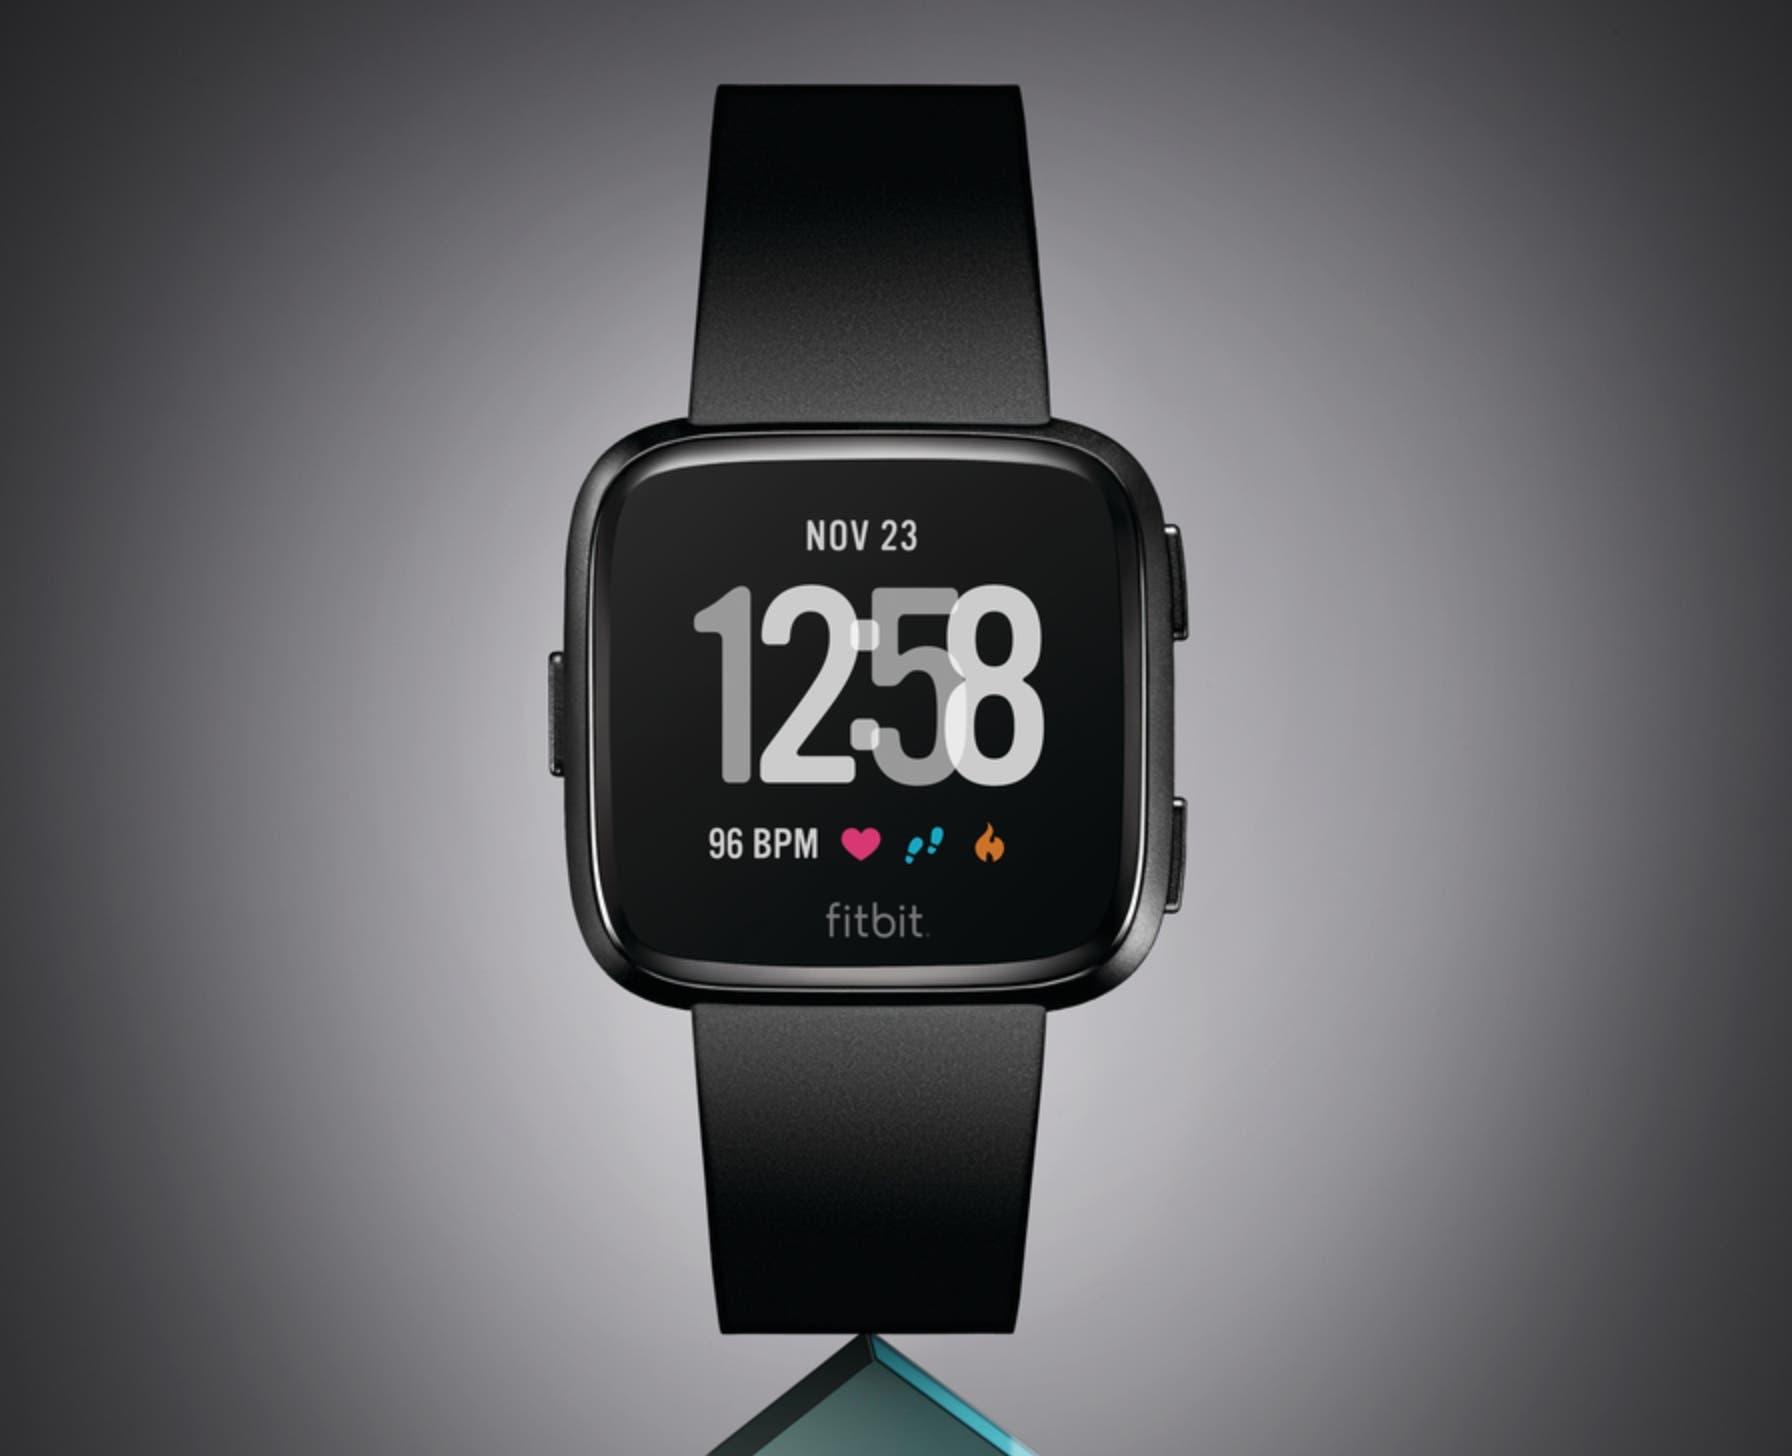 fitbit versa neue smartwatch offiziell vorgestellt. Black Bedroom Furniture Sets. Home Design Ideas